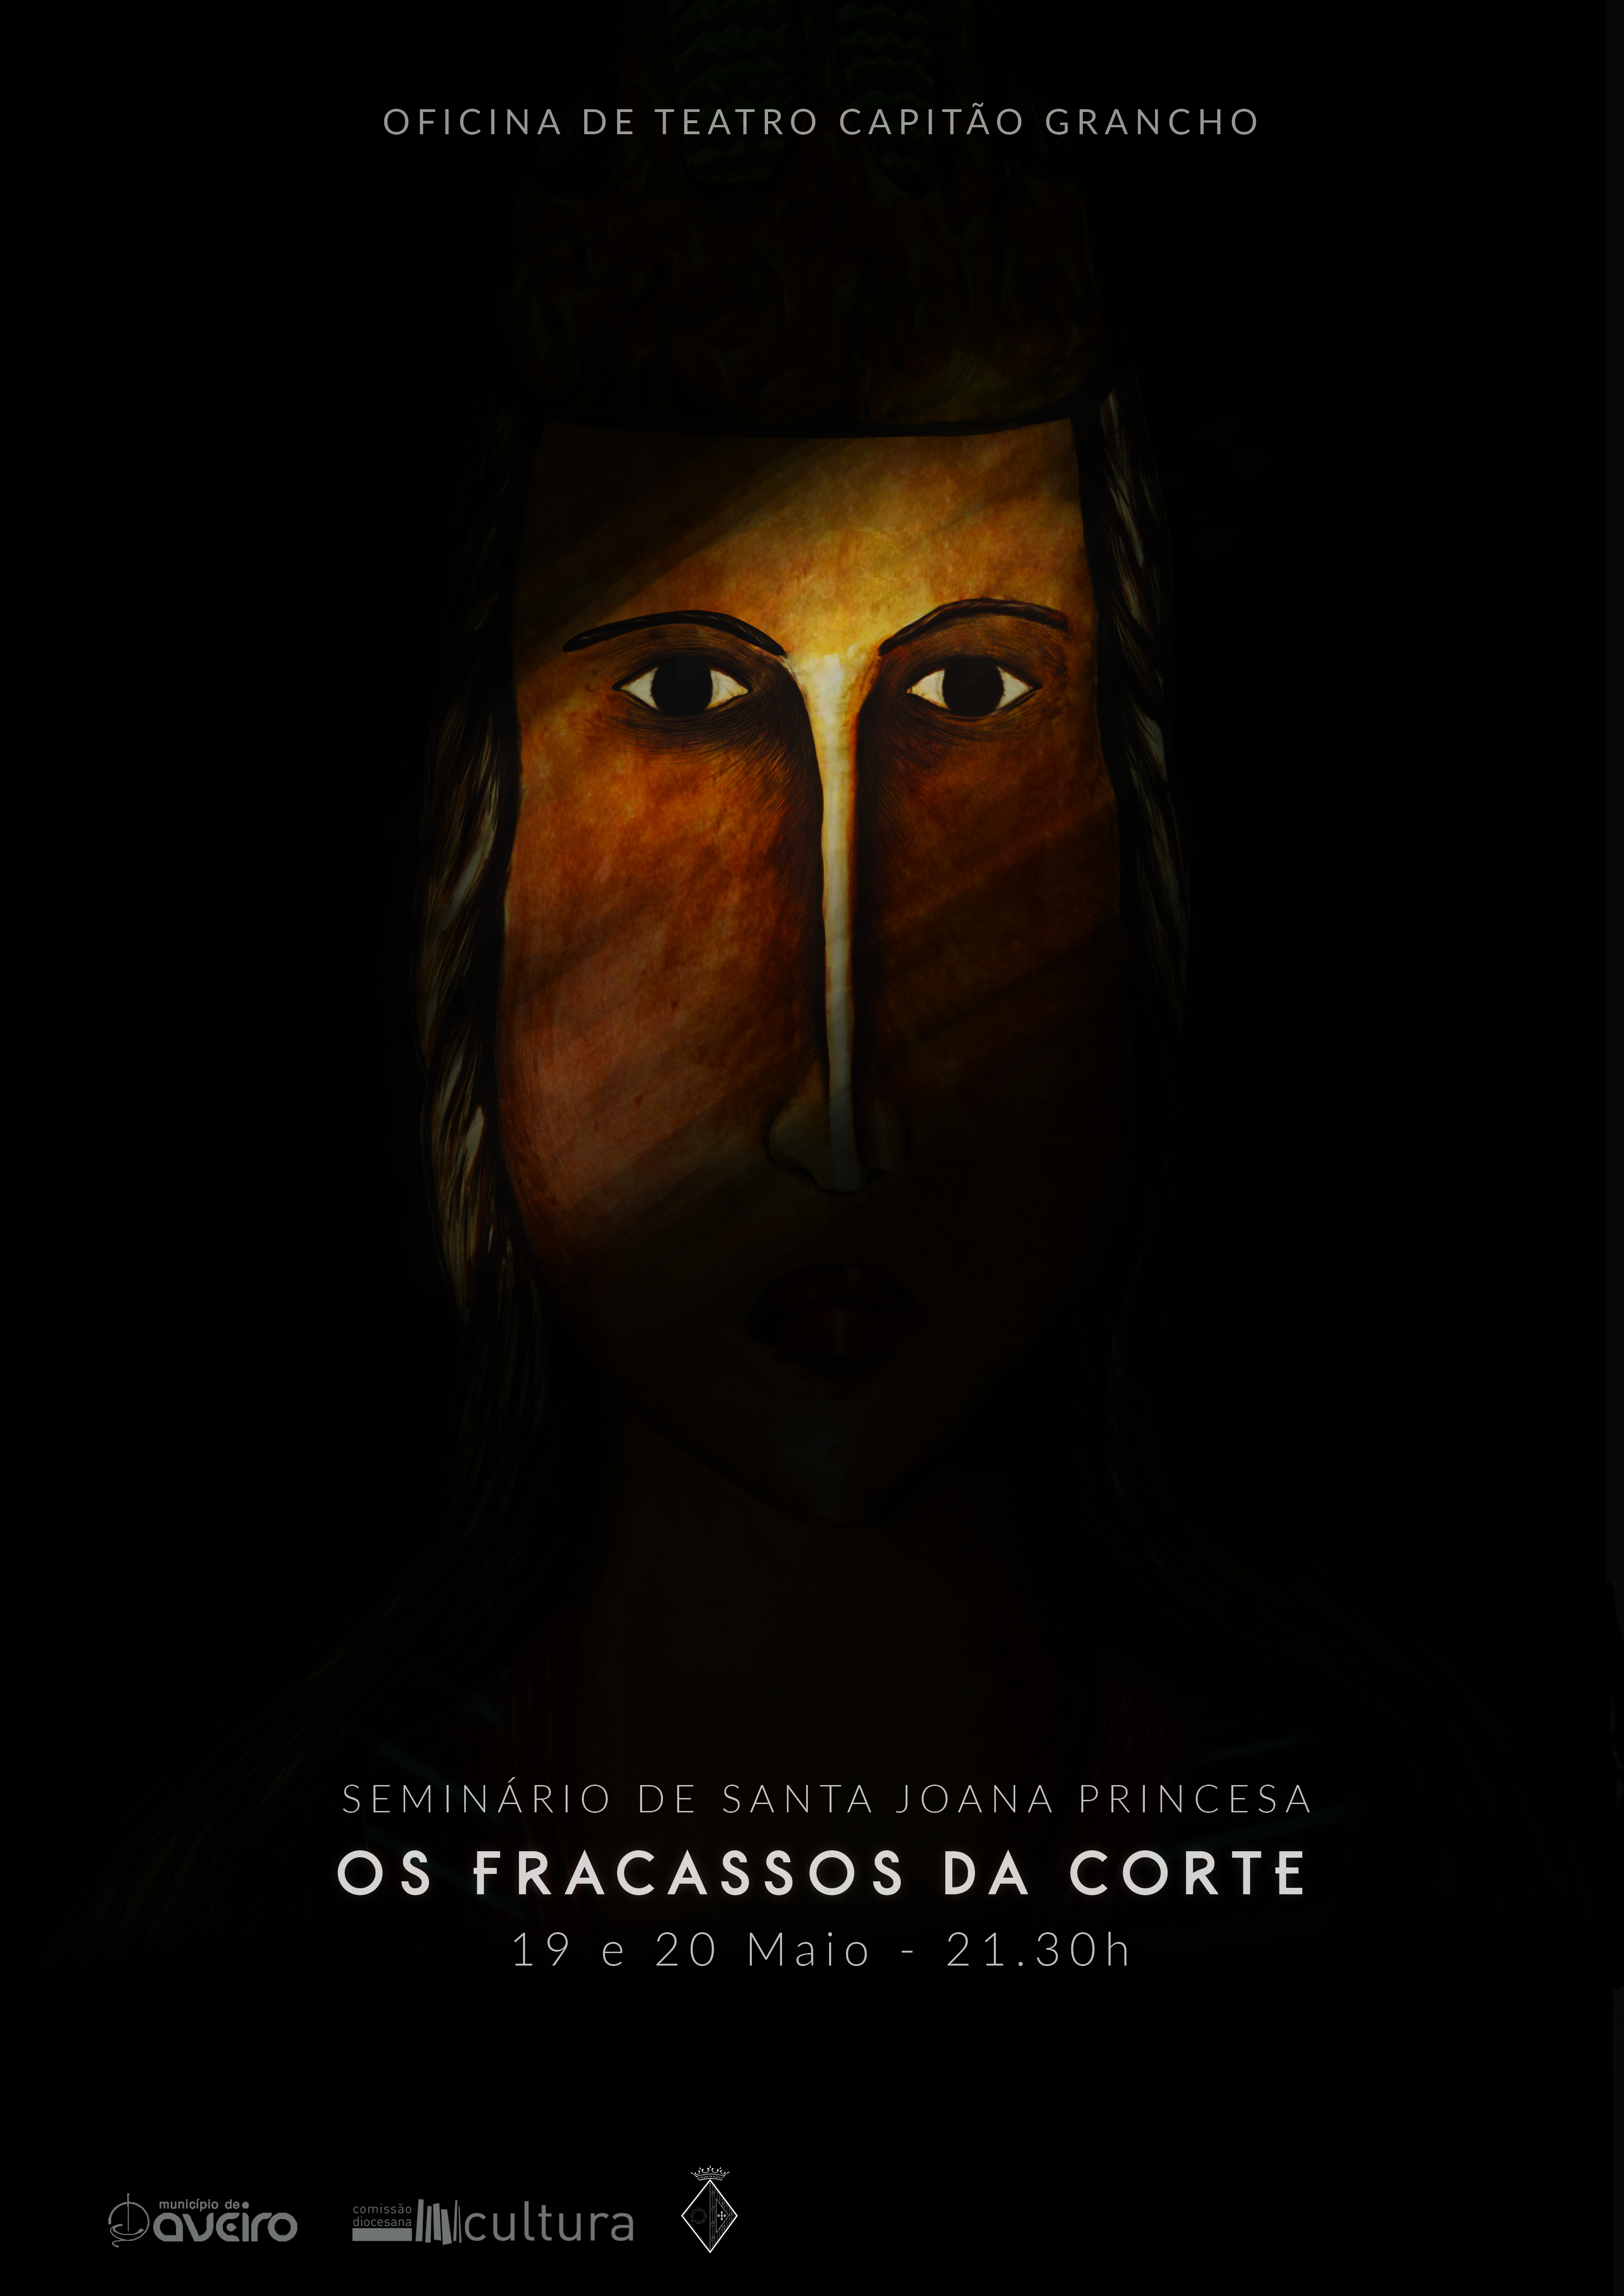 Peça de teatro dedicada a Santa Joana Princesa – obra desconhecida e inédita